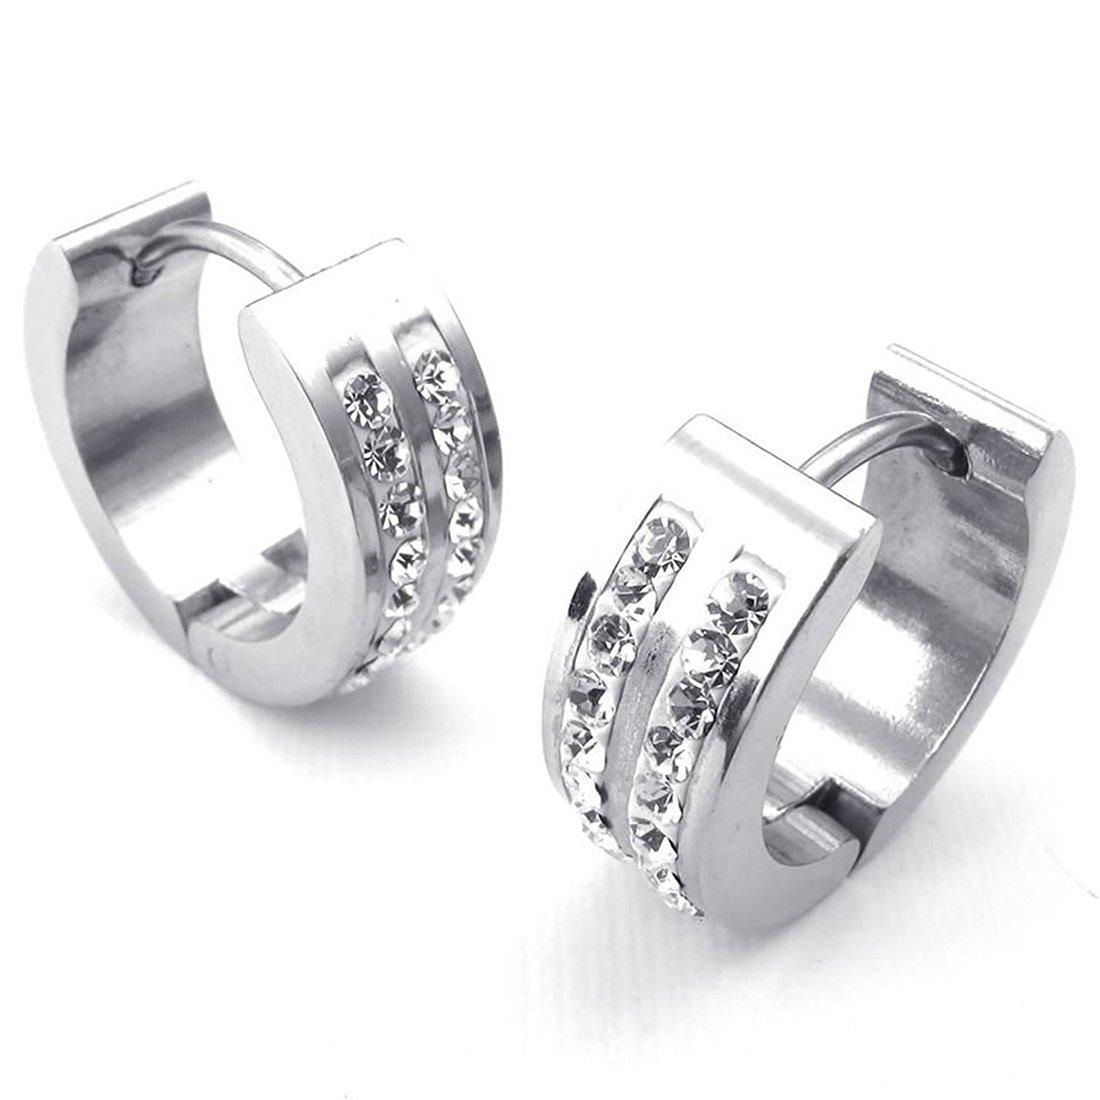 SODIAL(R)Jewelry Men's Women's Earrings, Hoop Earrings, Zirconia Diamond Stainless Steel, Silver by SODIAL(R) (Image #3)